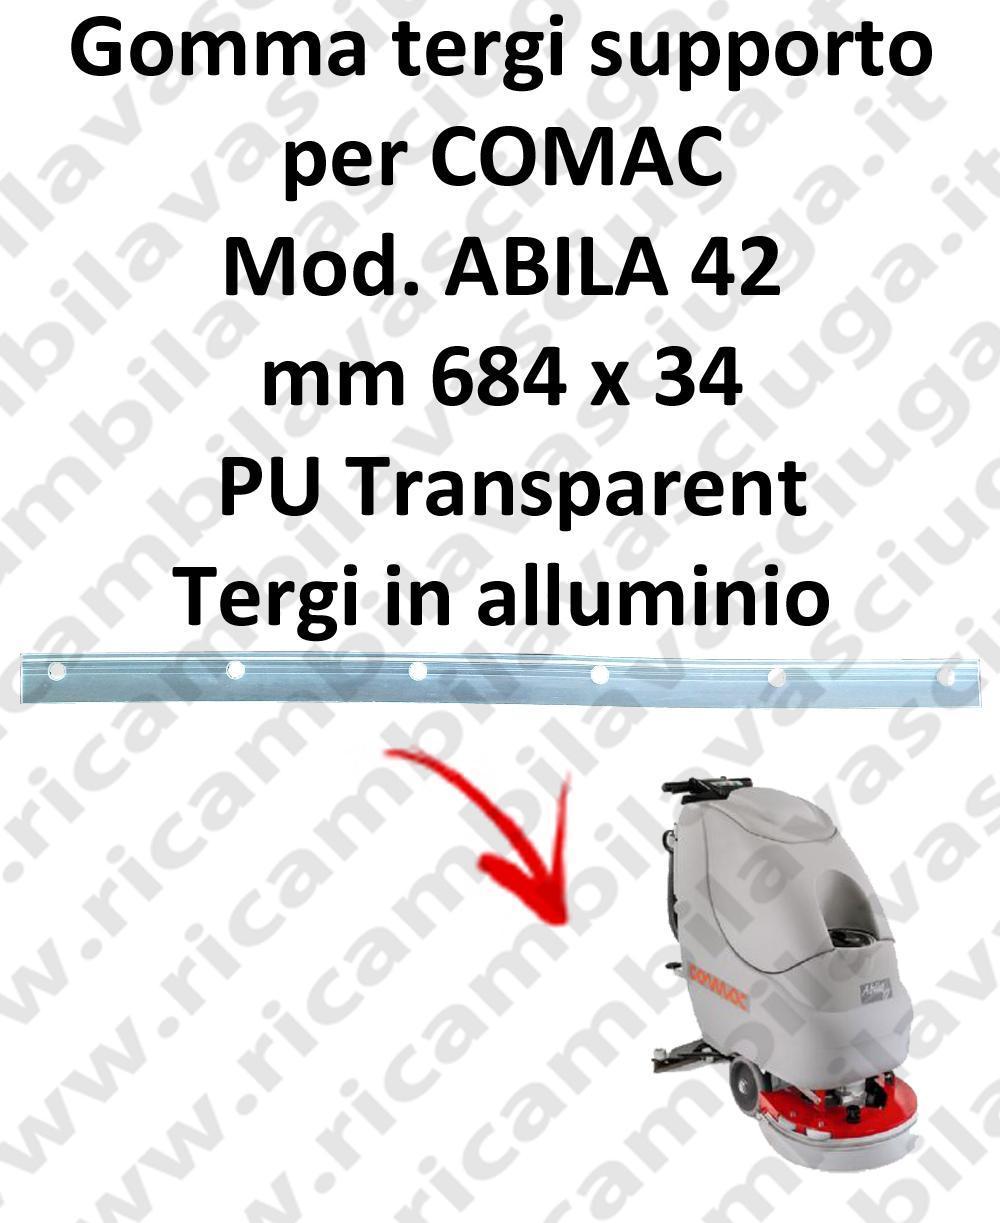 ABILA 42 goma de secado soporte para COMAC repuestos fregadoras squeegee